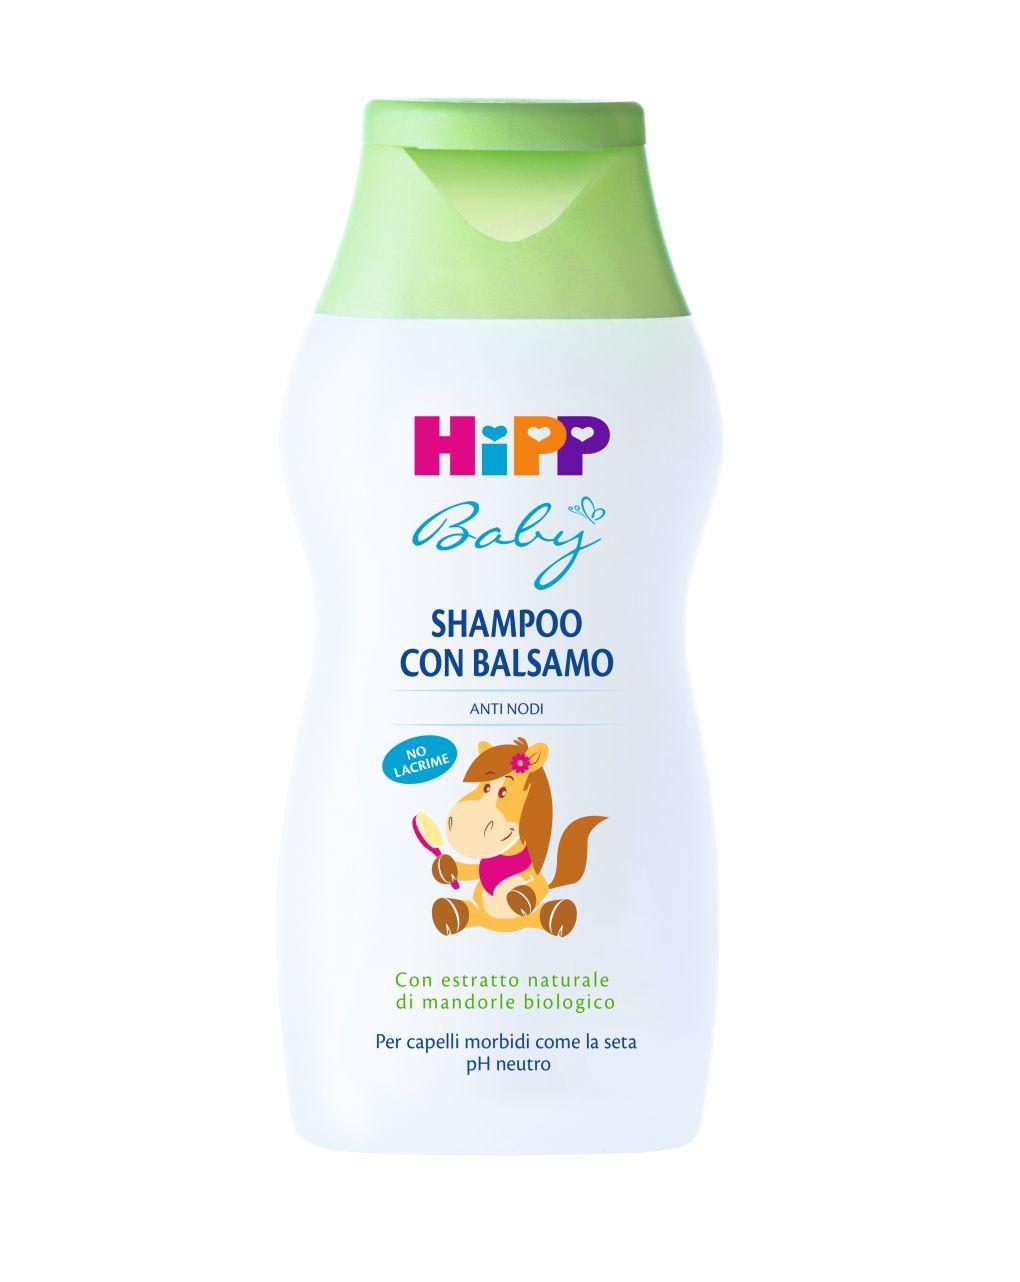 Shampoo con balsamo 200 ml - Hipp Baby